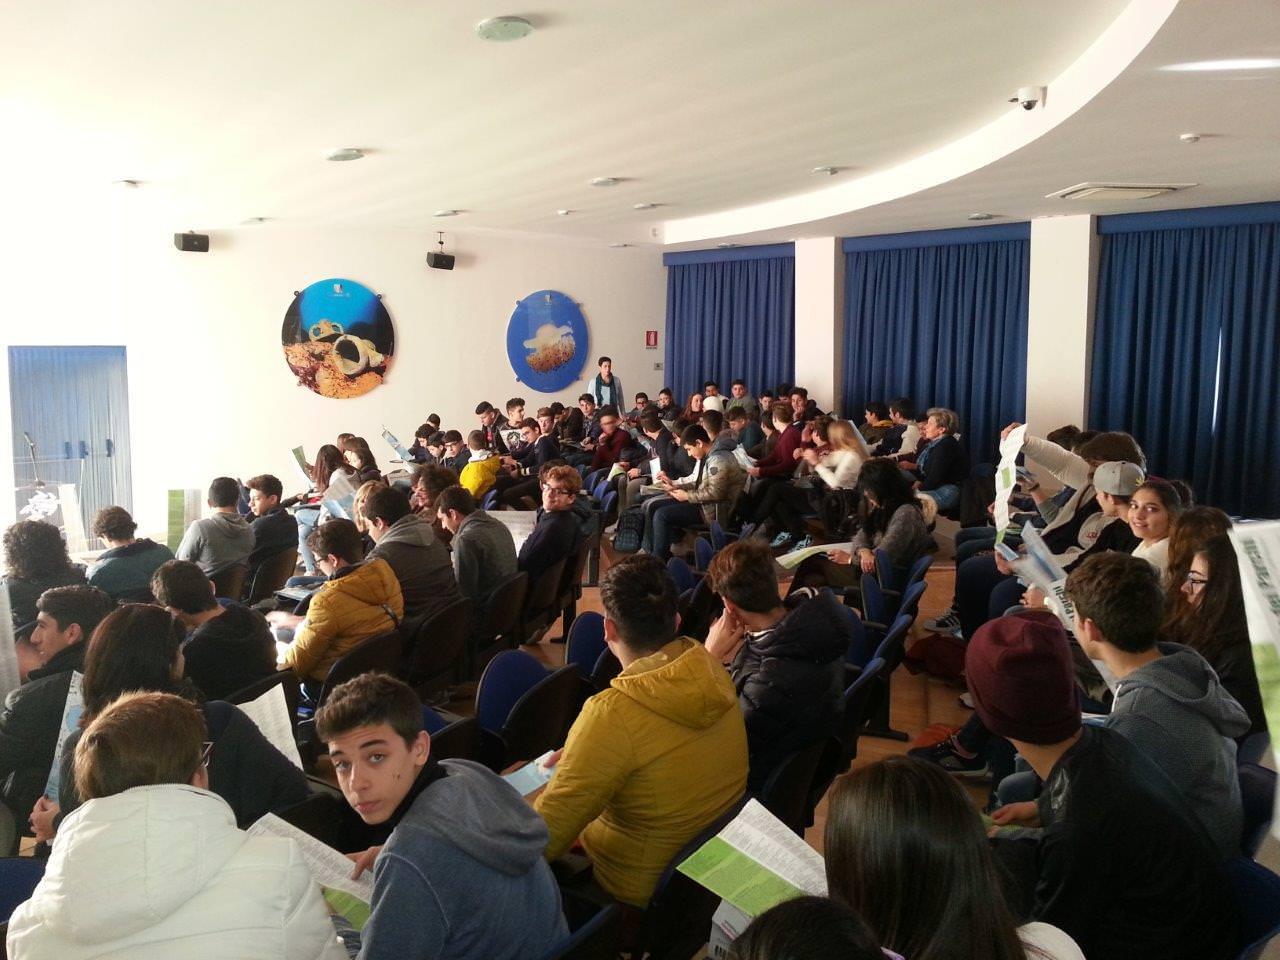 Duecento alunni a lezione sulla Biodiversità al Plemmirio